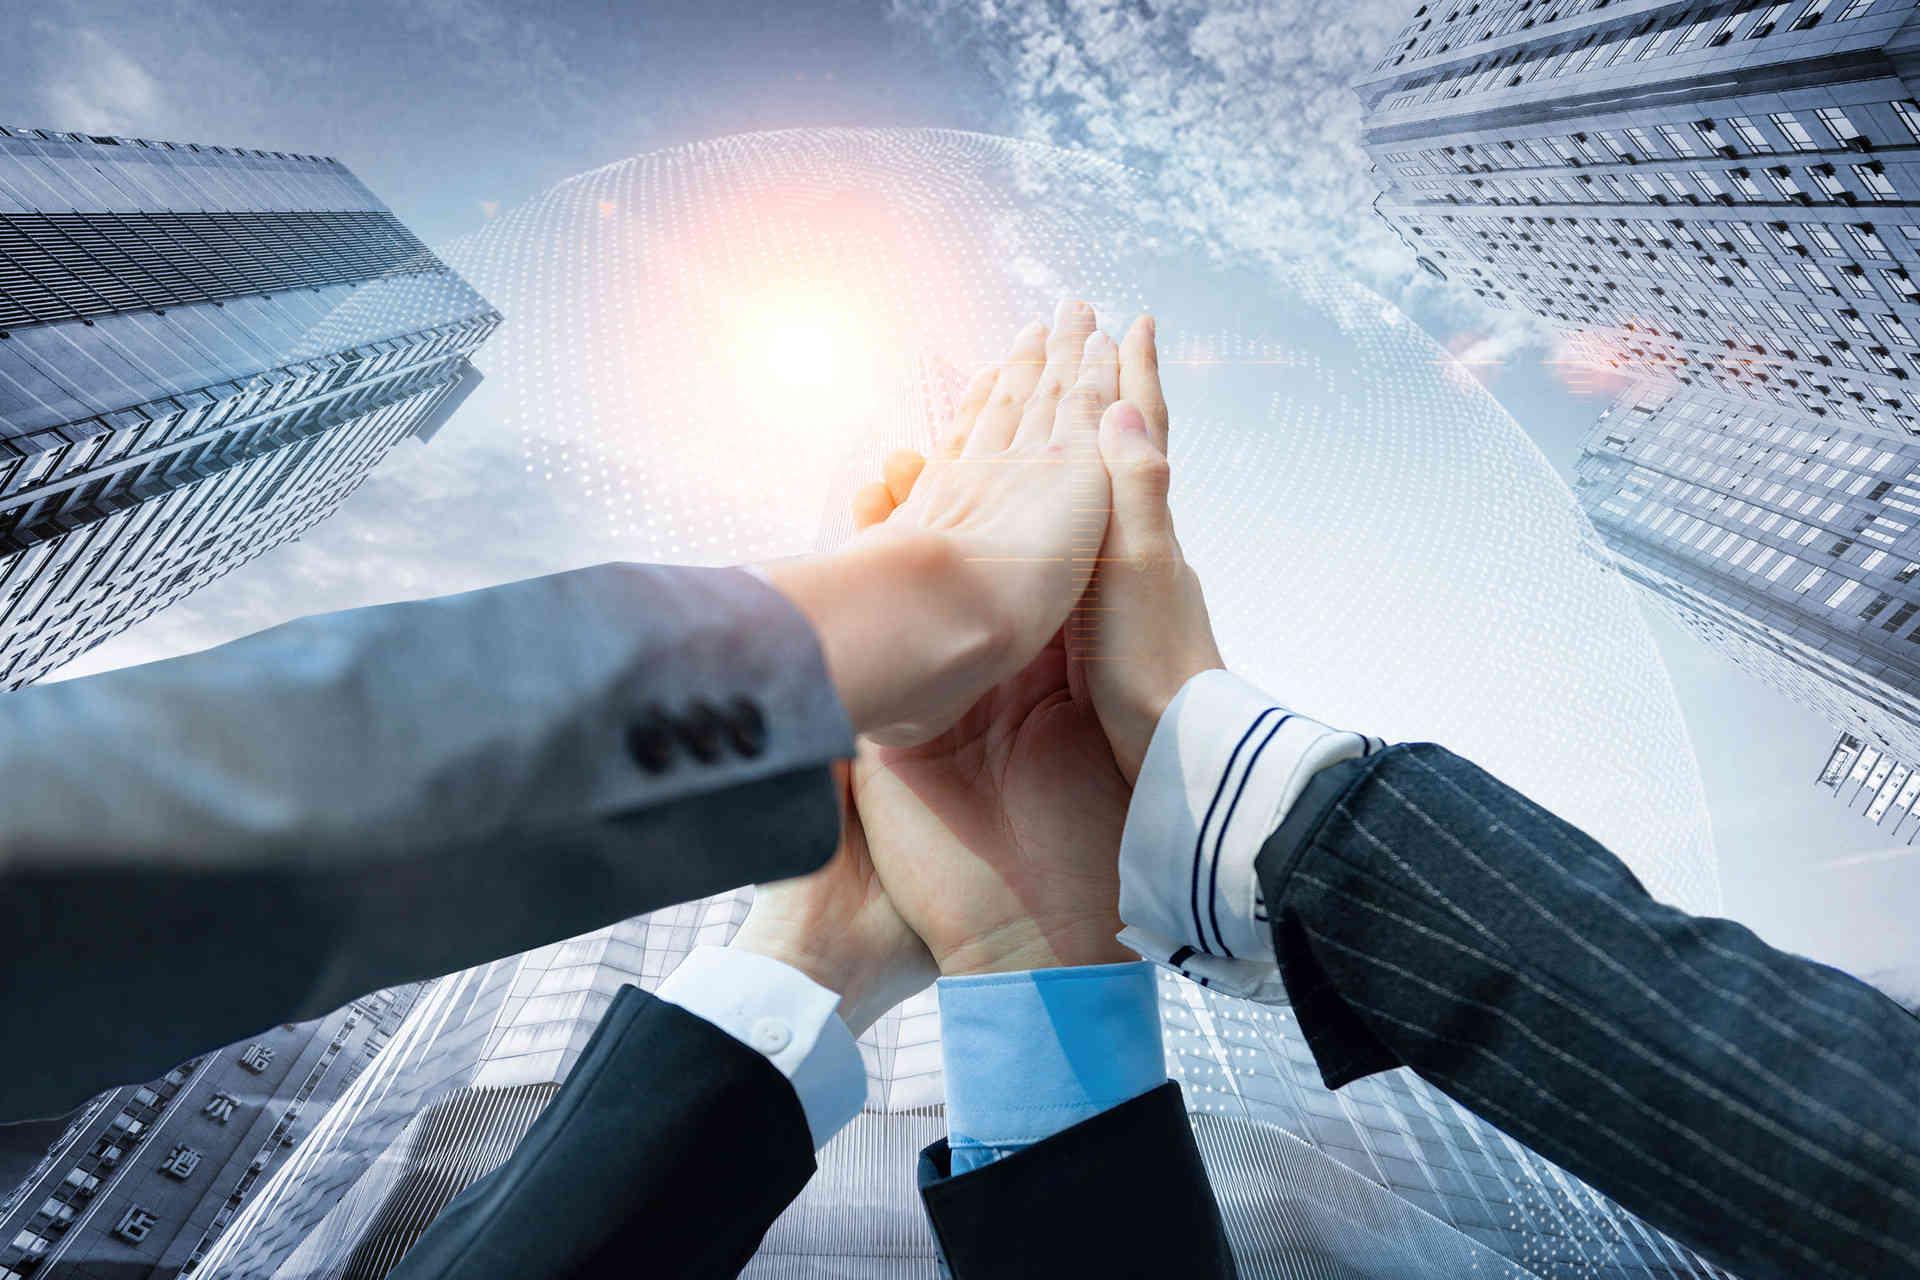 人力资源管理从业者六忠告